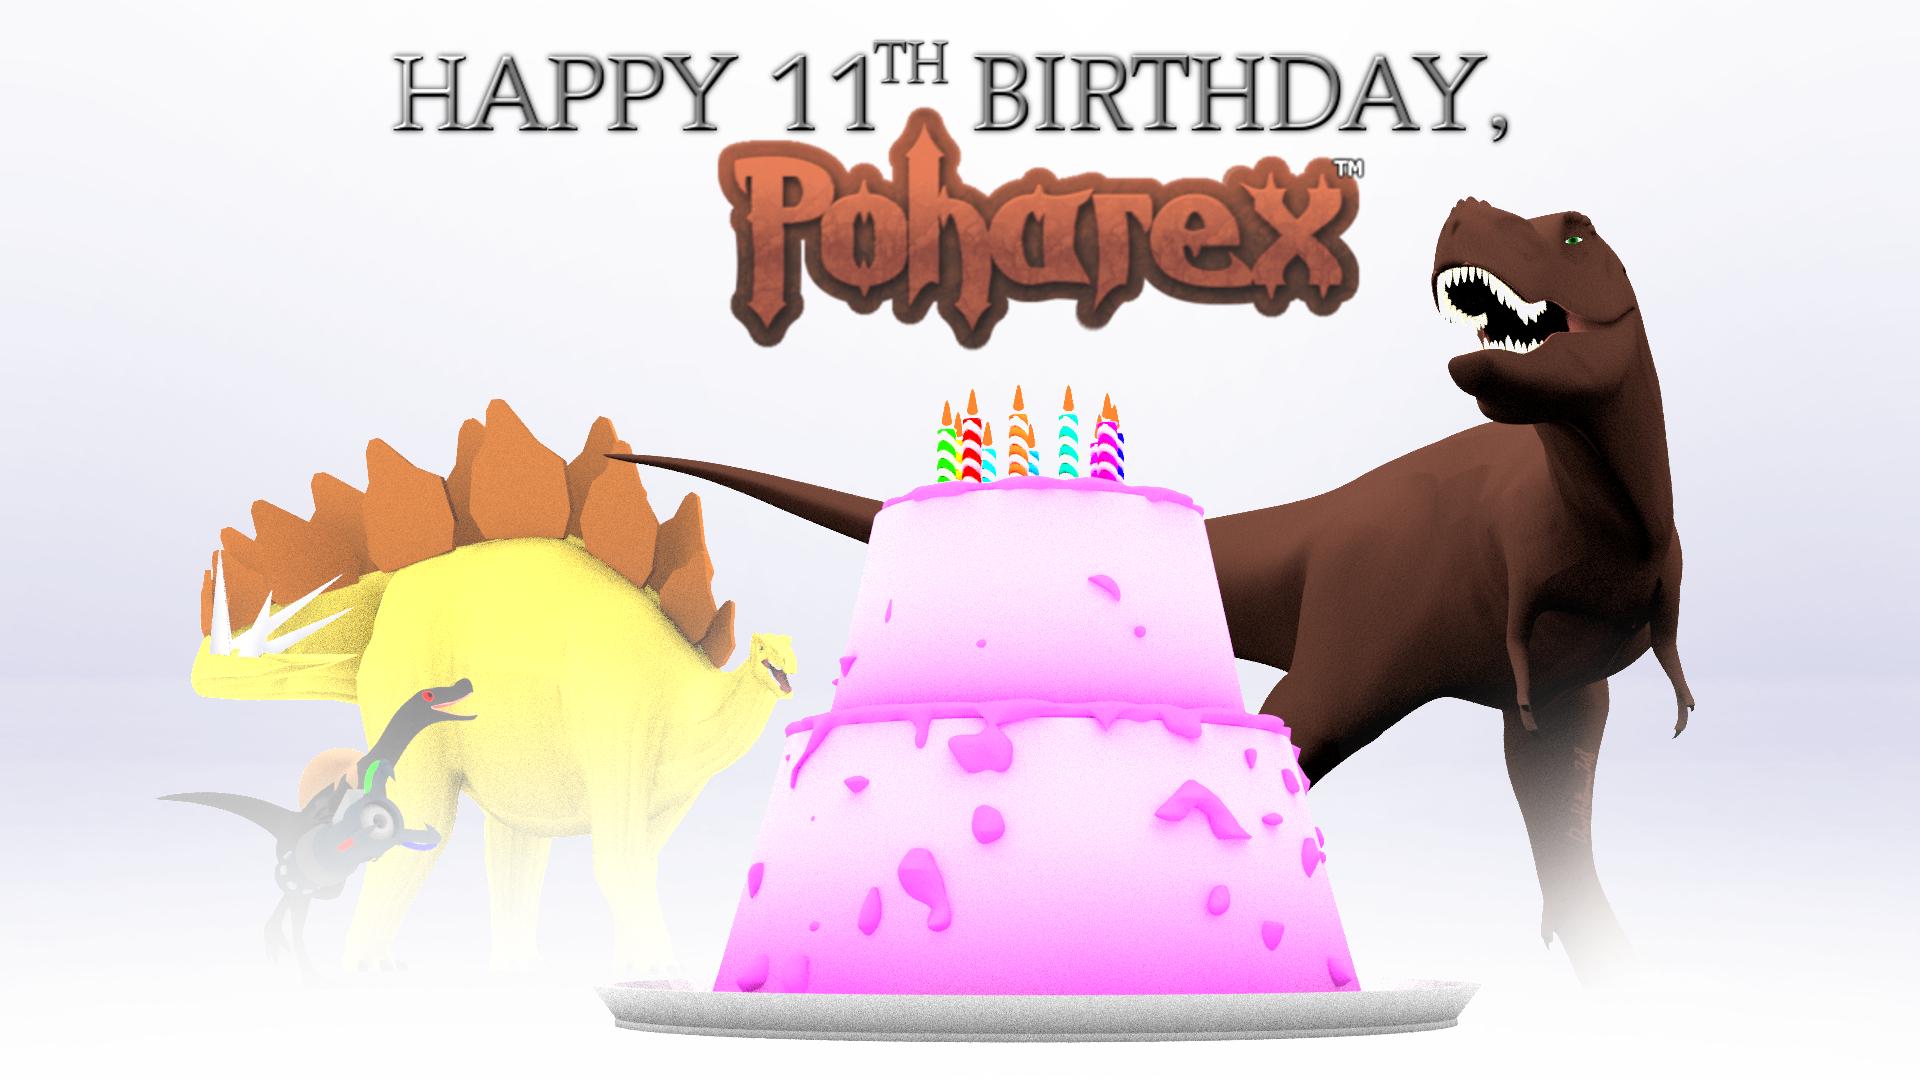 Anniversary #11